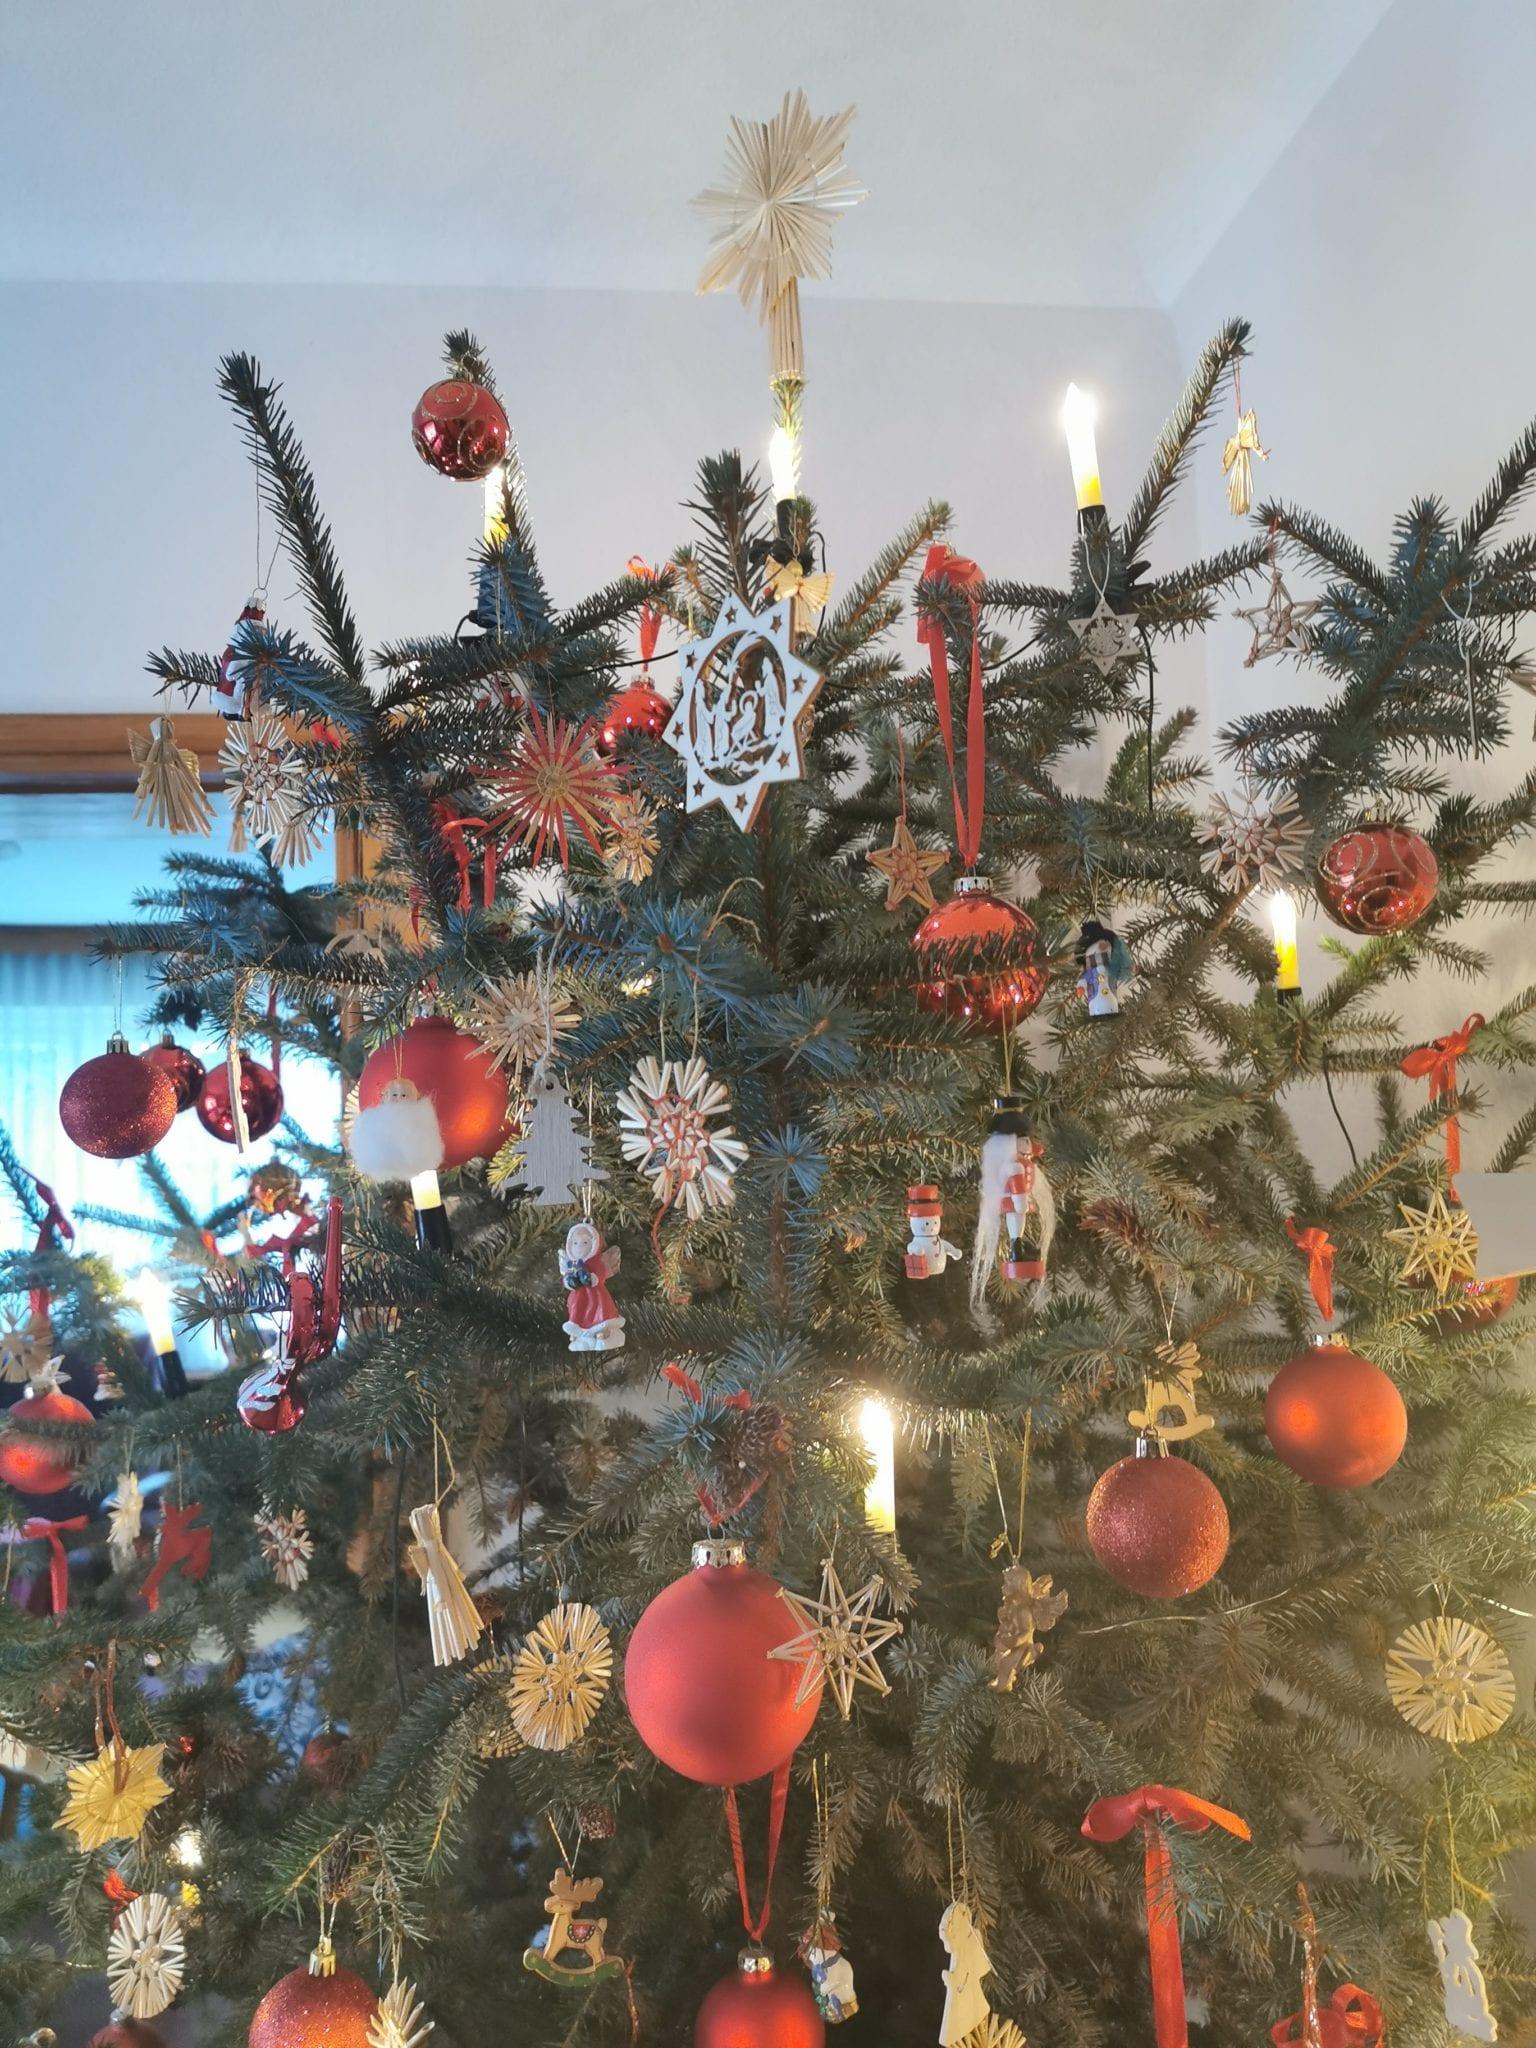 Weihnachtsbaum_grossekoepfe.de